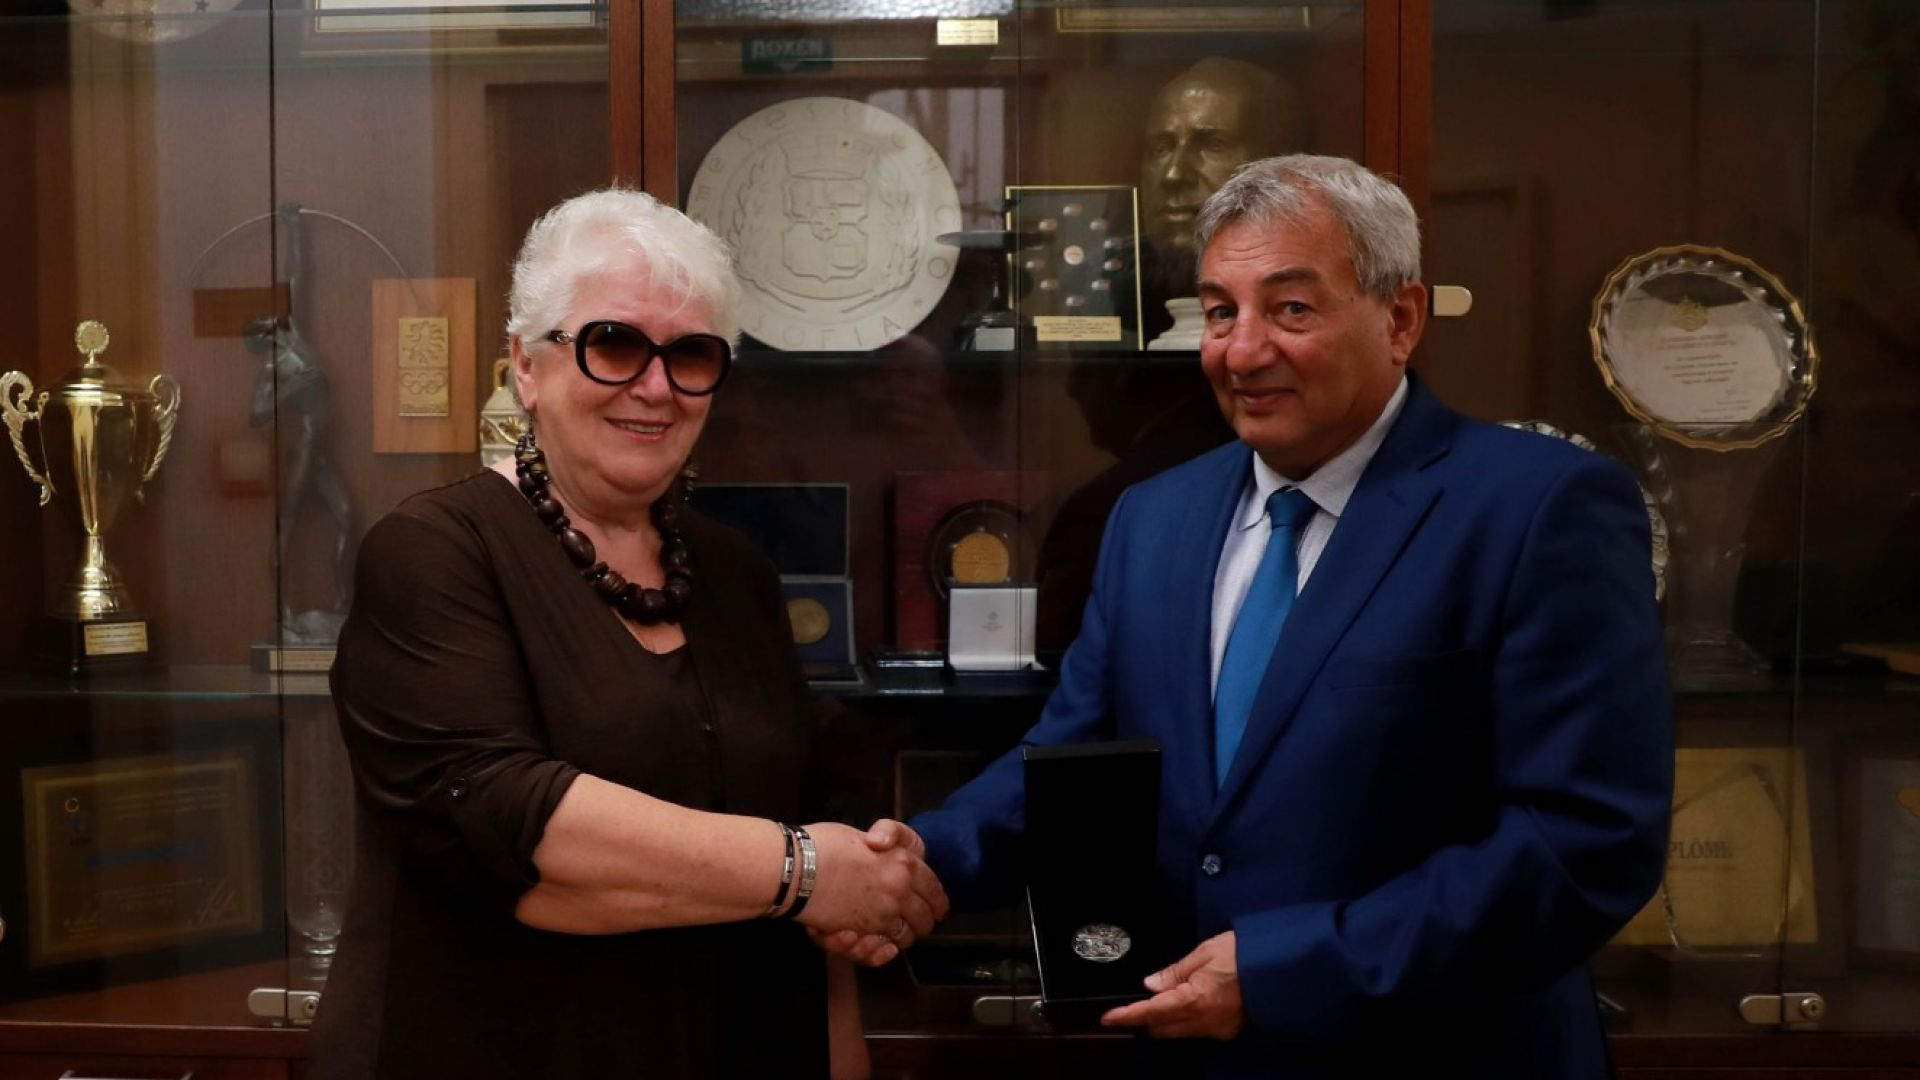 БОК награди за заслуги към спорта Анатоли Илиев дни преди 60-ия му юбилей